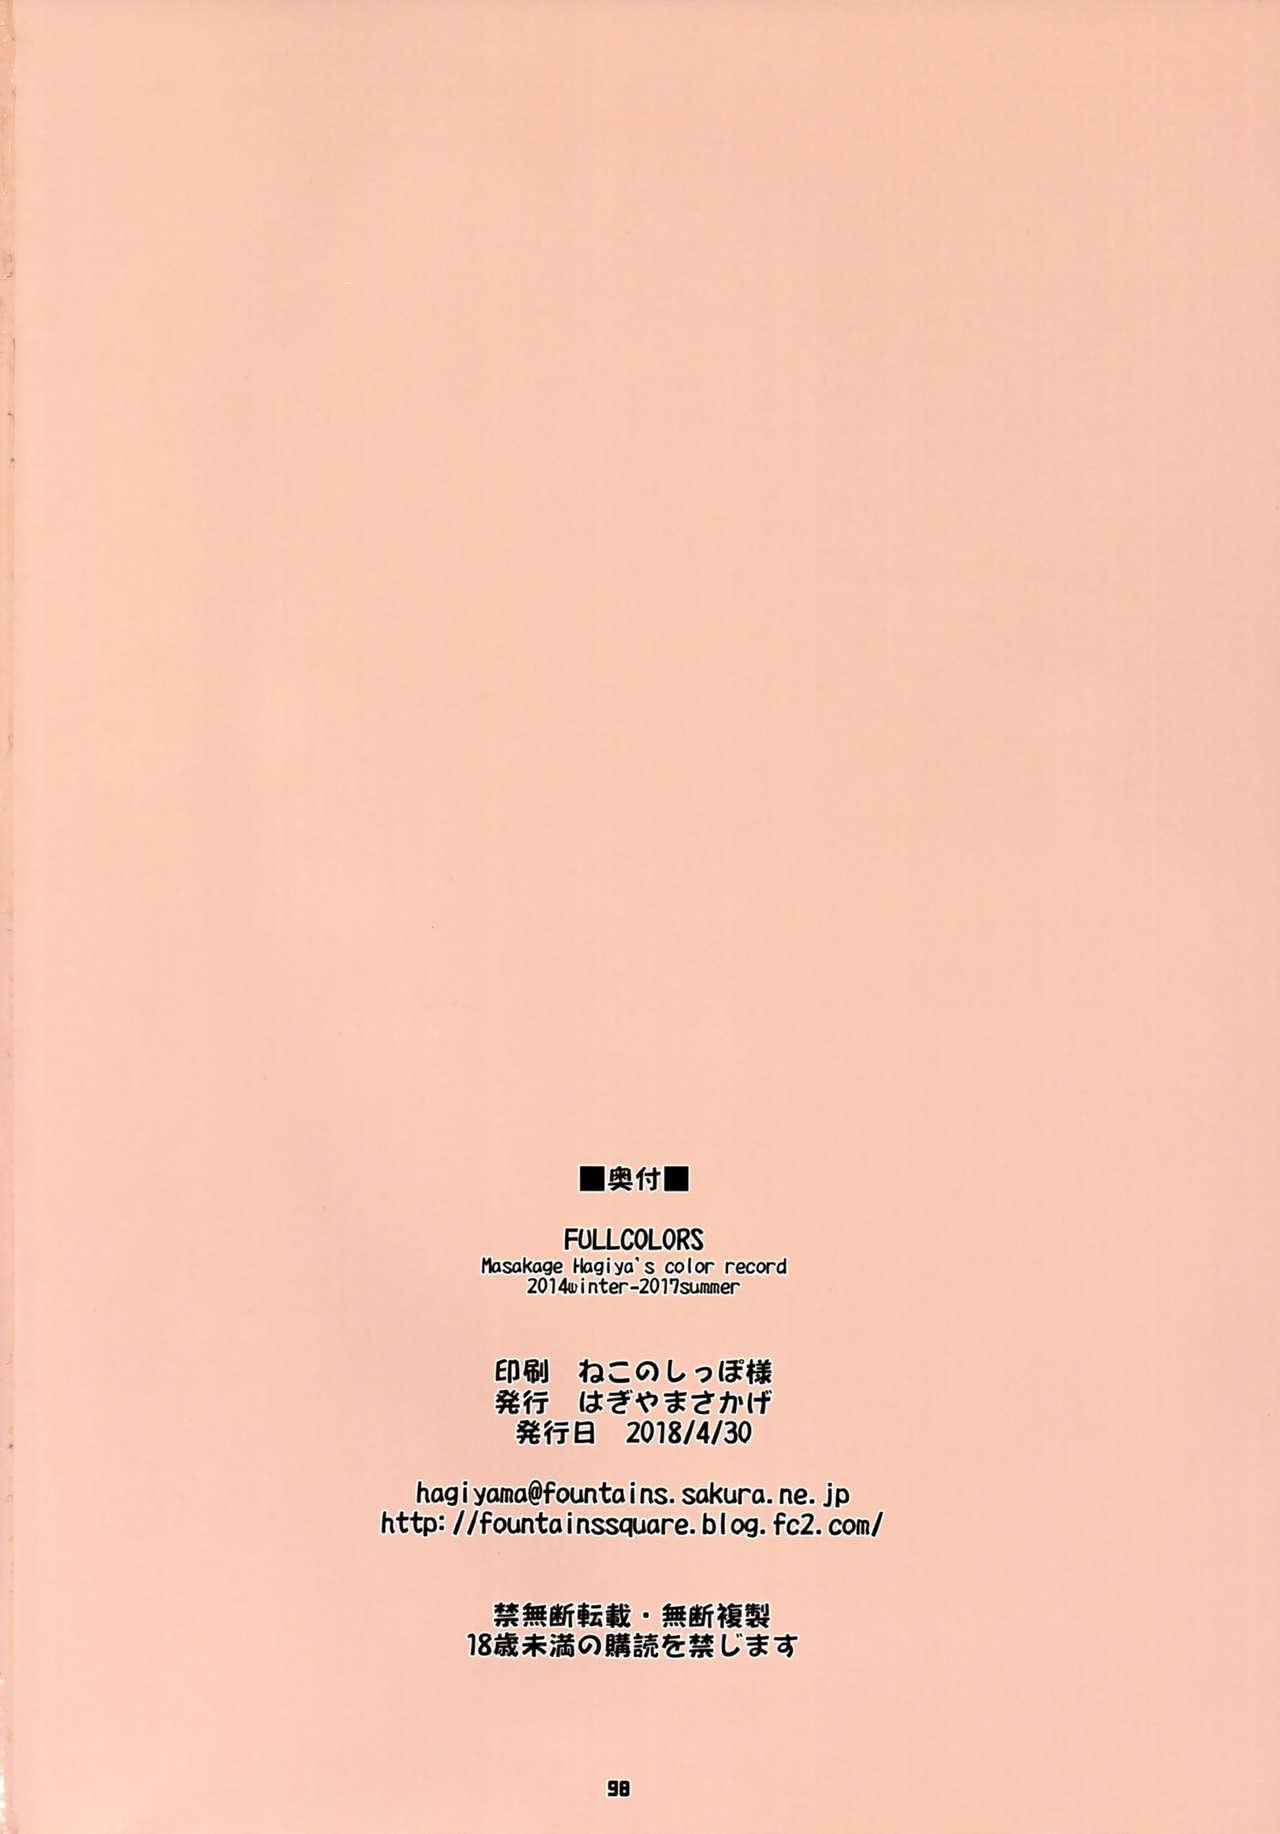 FULLCOLORS 96